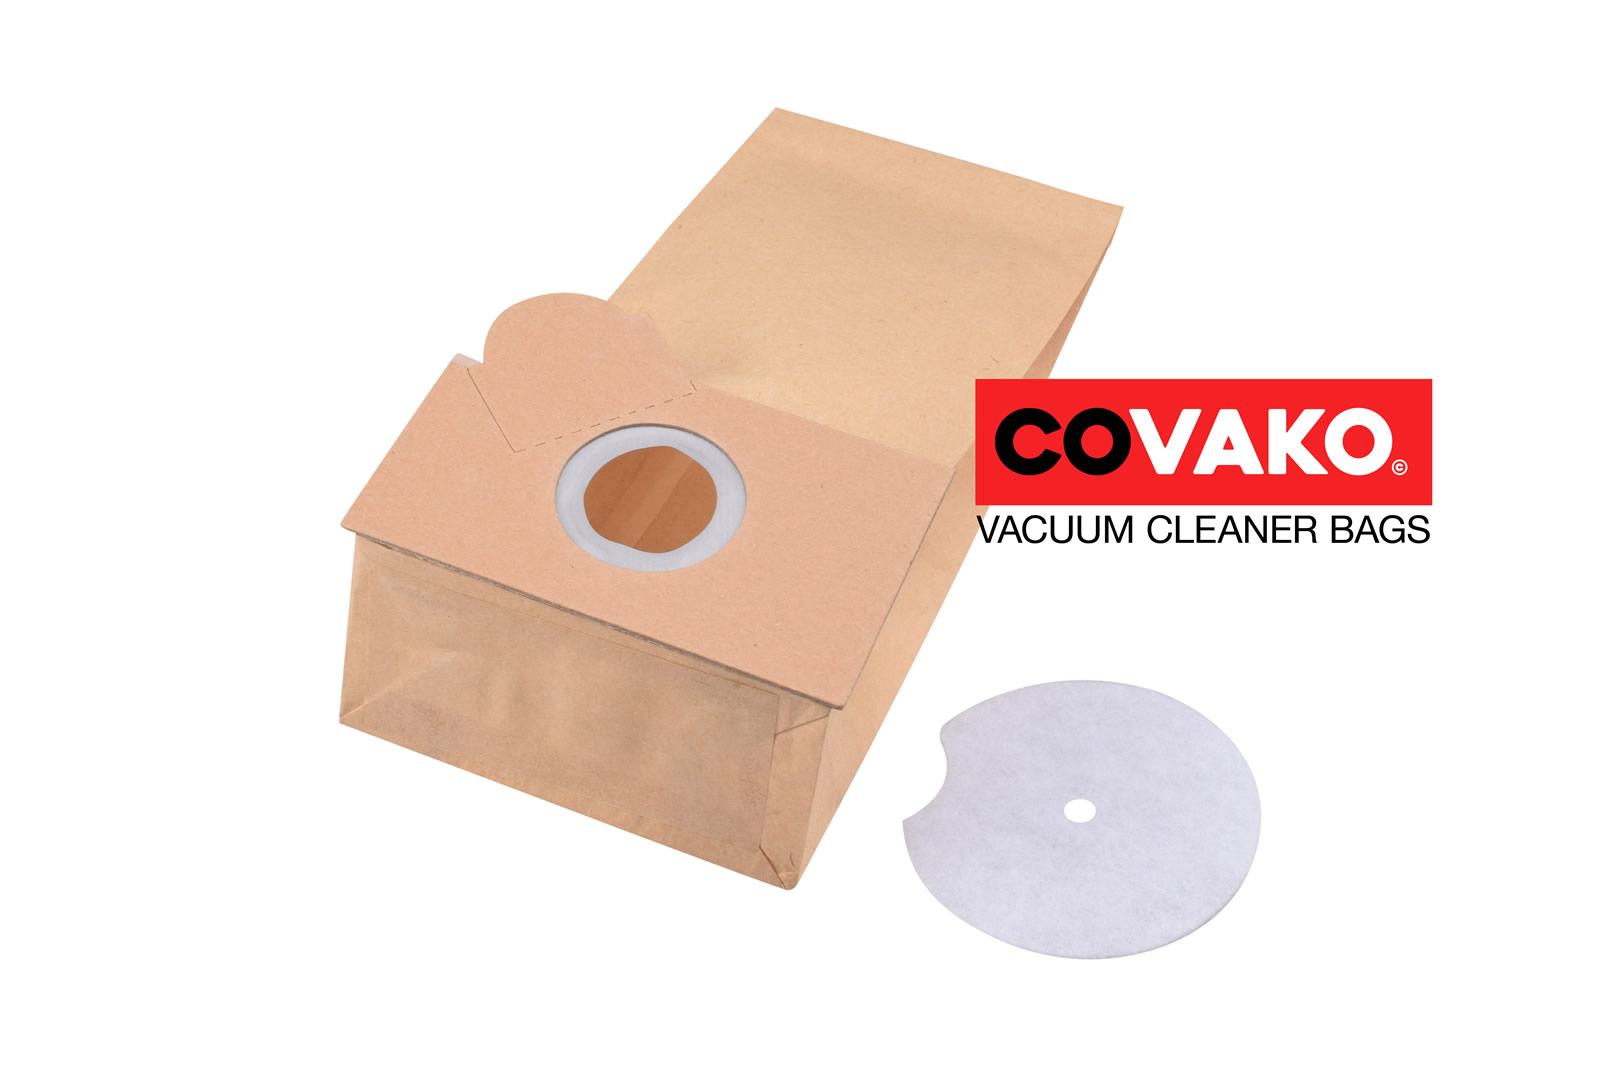 Fakir 1107 / Papier - Fakir sacs d'aspirateur